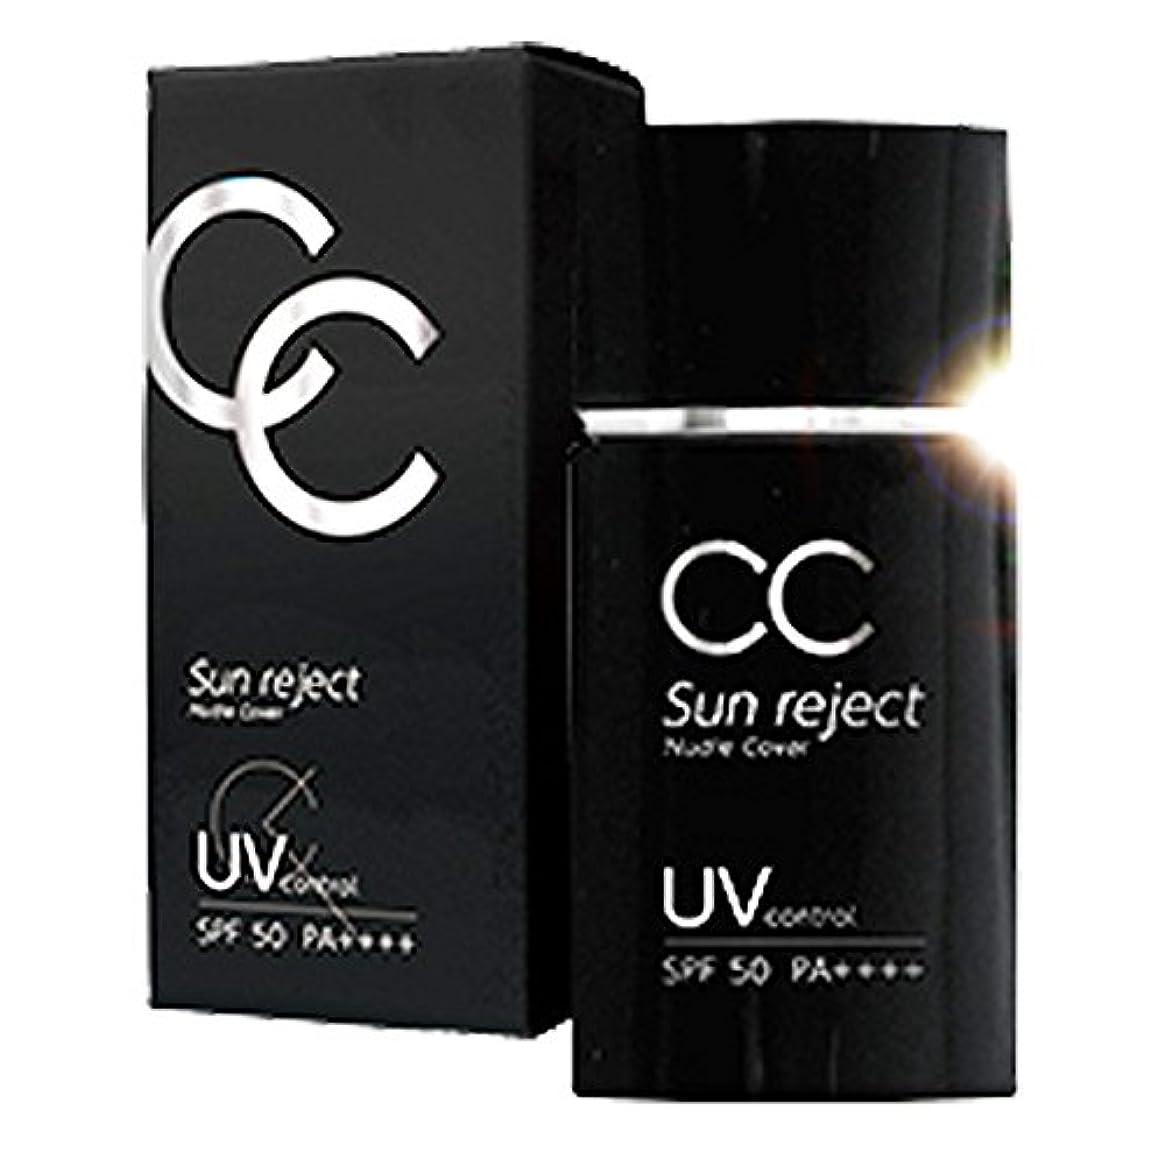 インタビュー脈拍調停者エヴリワン UV control サンリジェクト Nudie Cover 30ml